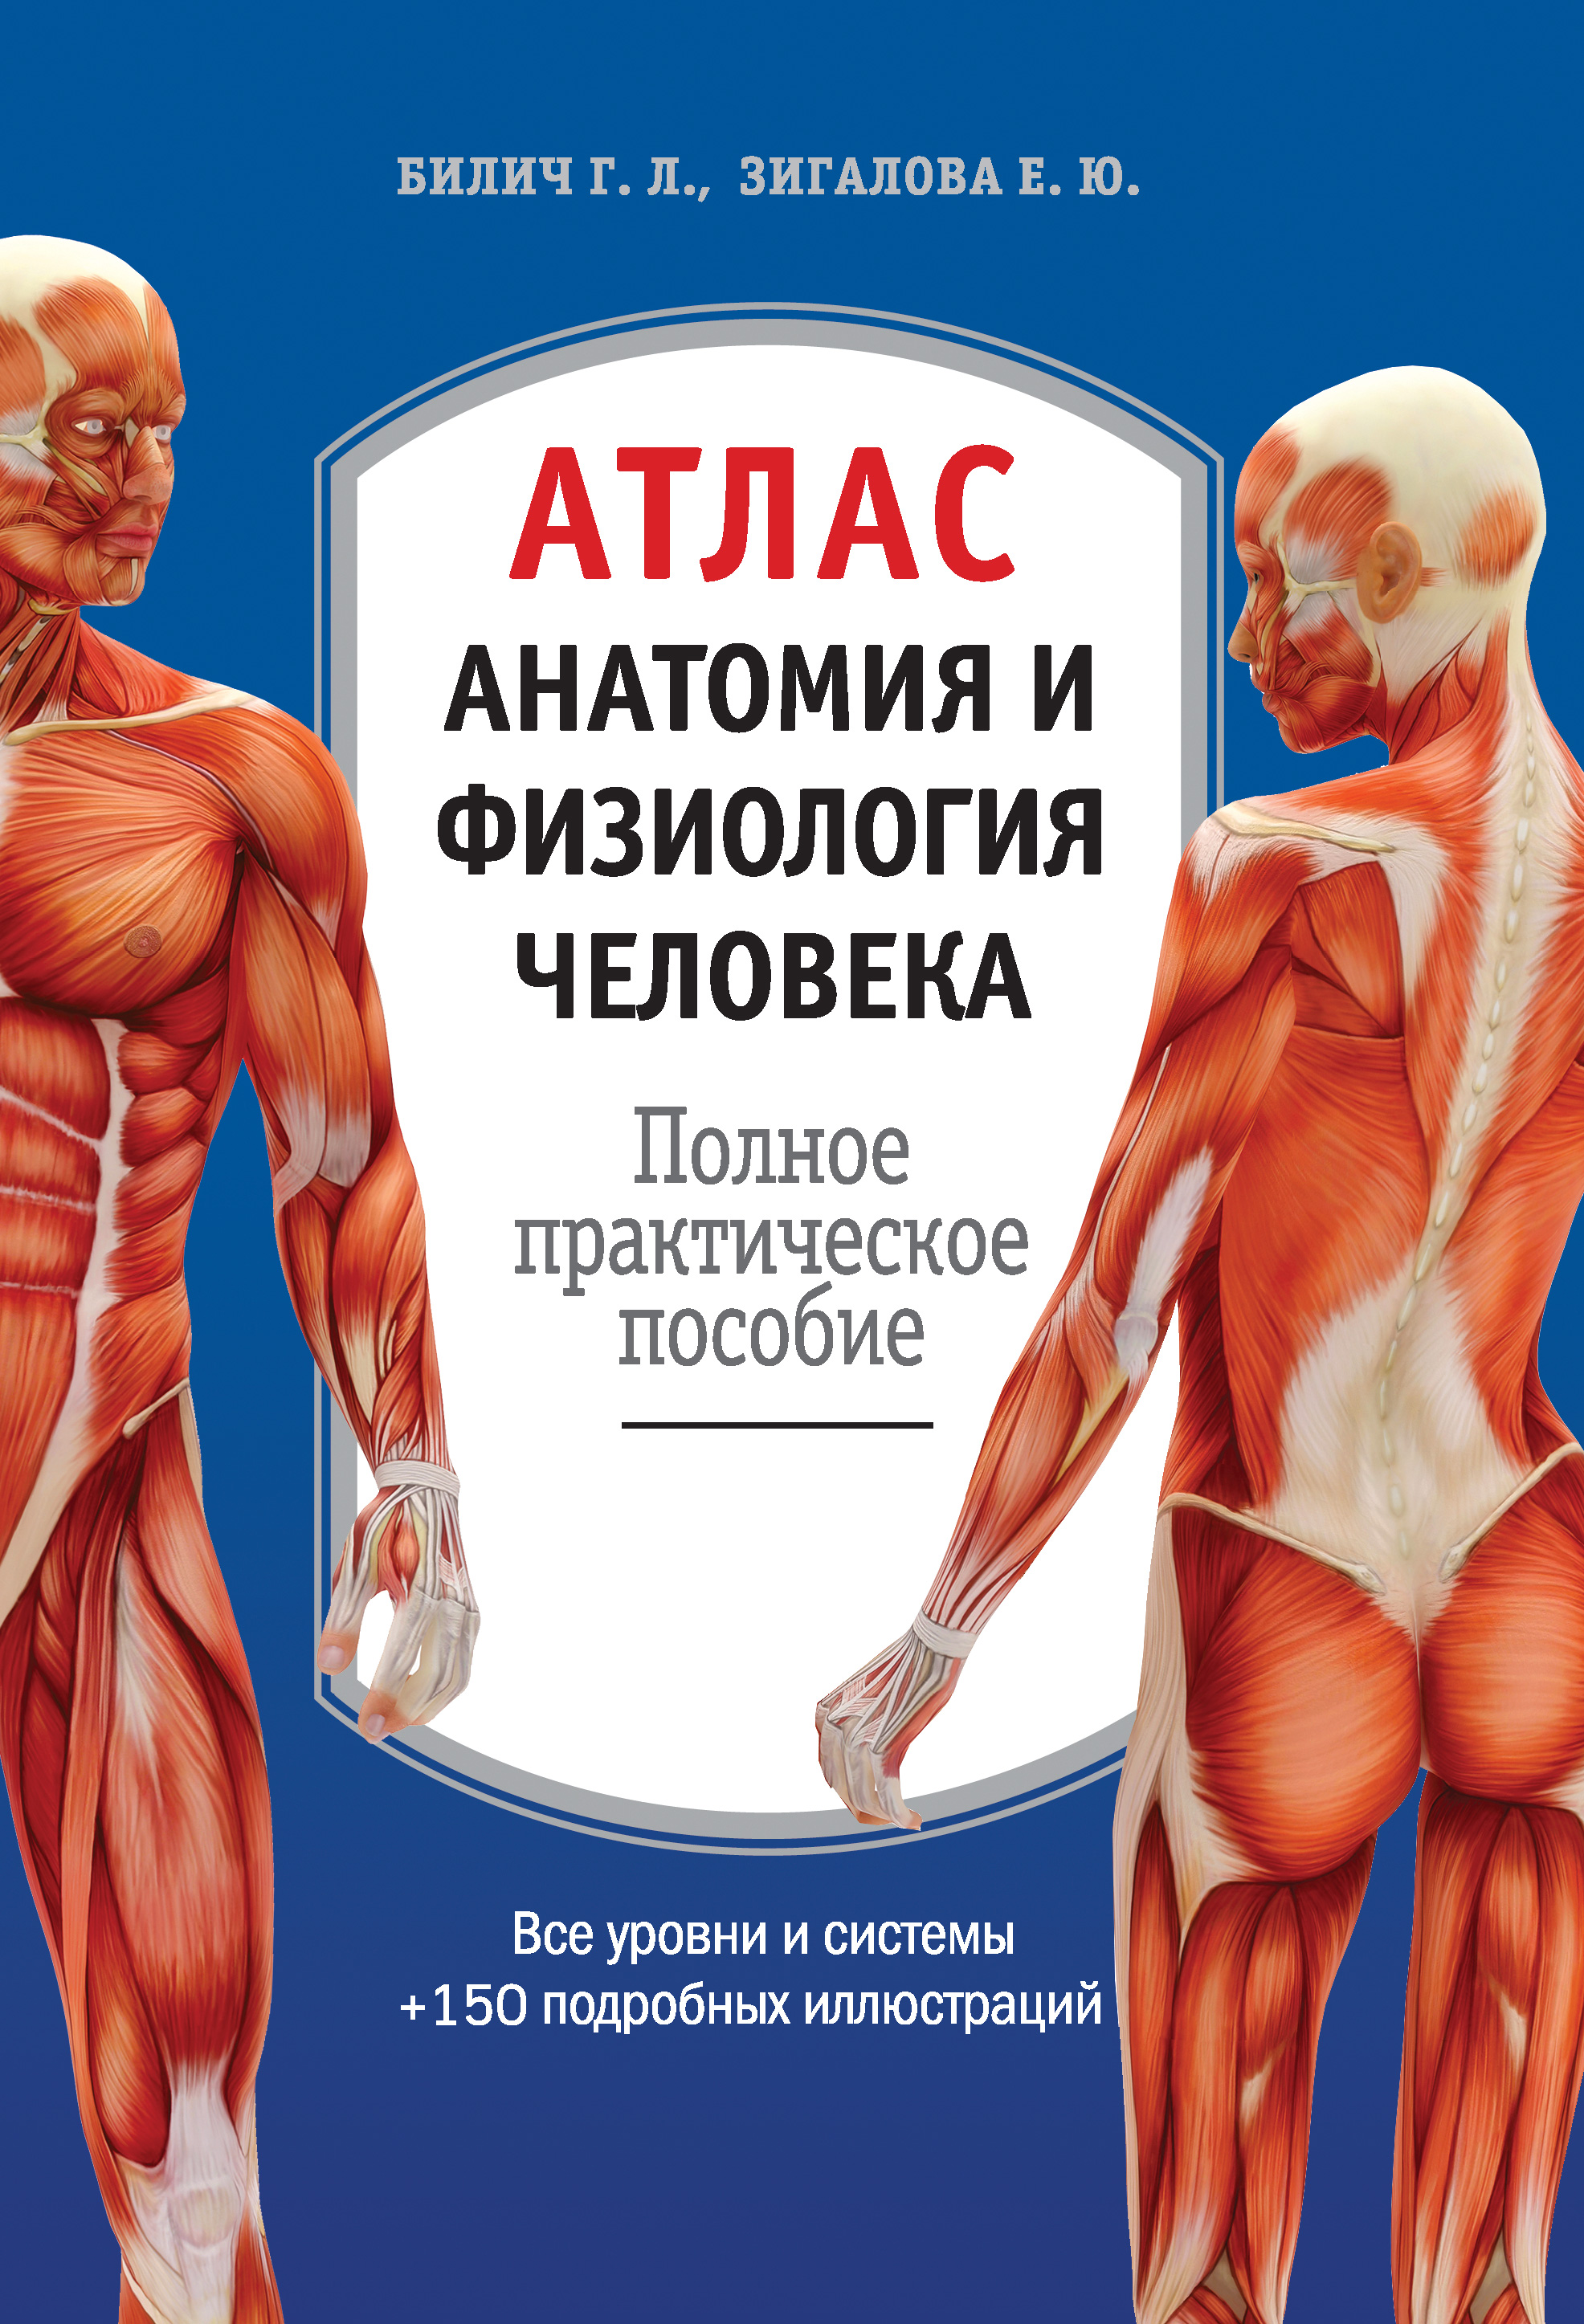 Г. Л. Билич Атлас: анатомия и физиология человека. Полное практическое пособие г л билич анатомия человека большой популярный атлас